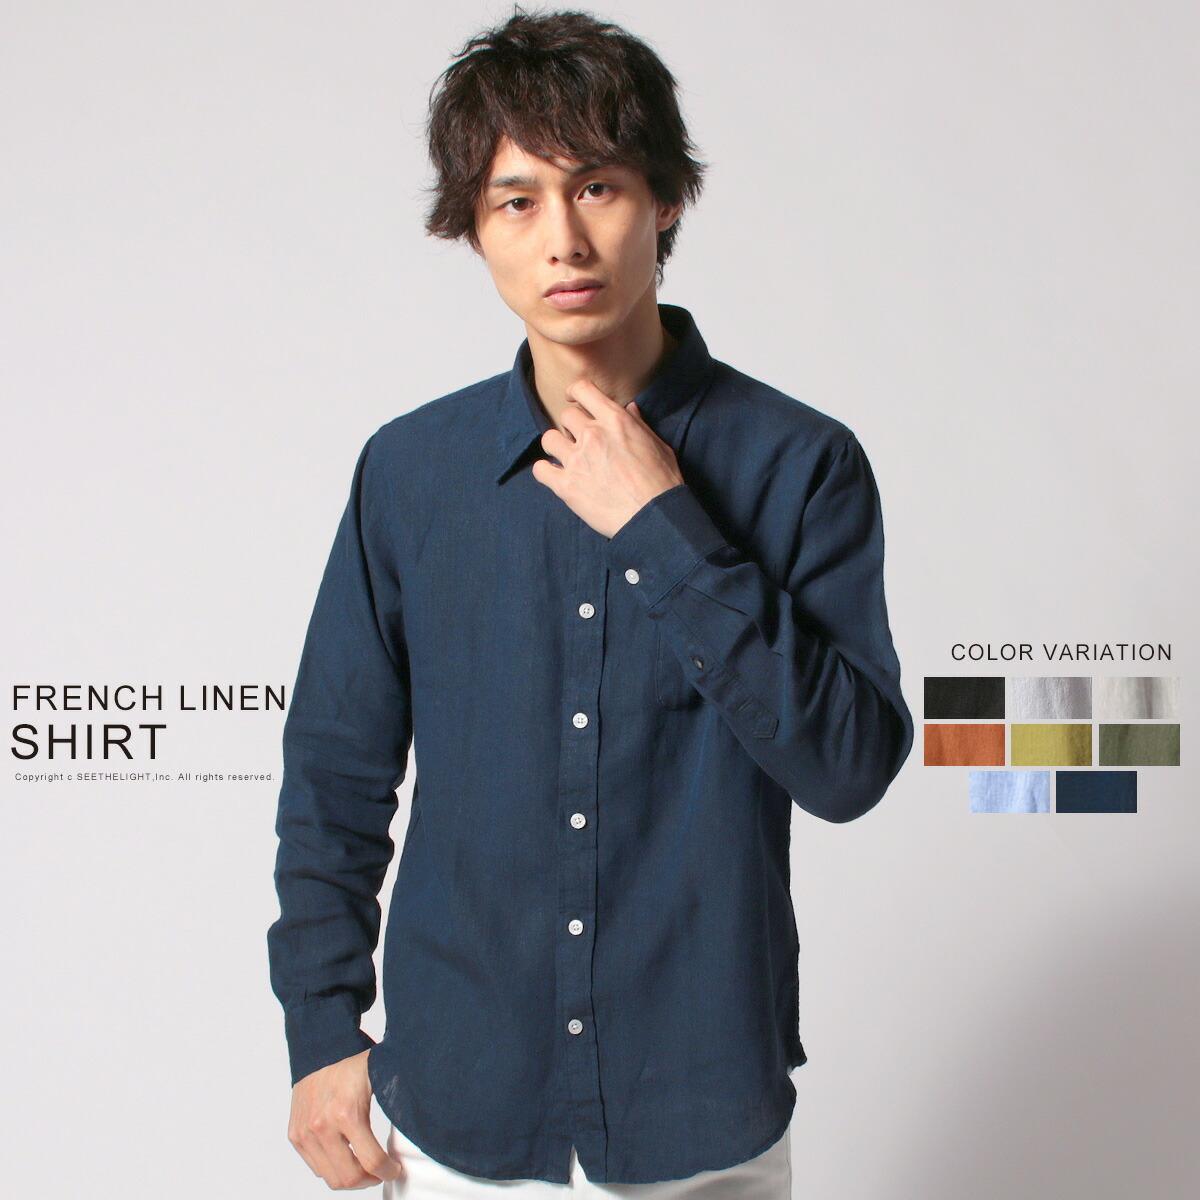 SPU スプ メンズ シャツ フレンチリネン 100% 長袖 シャツ